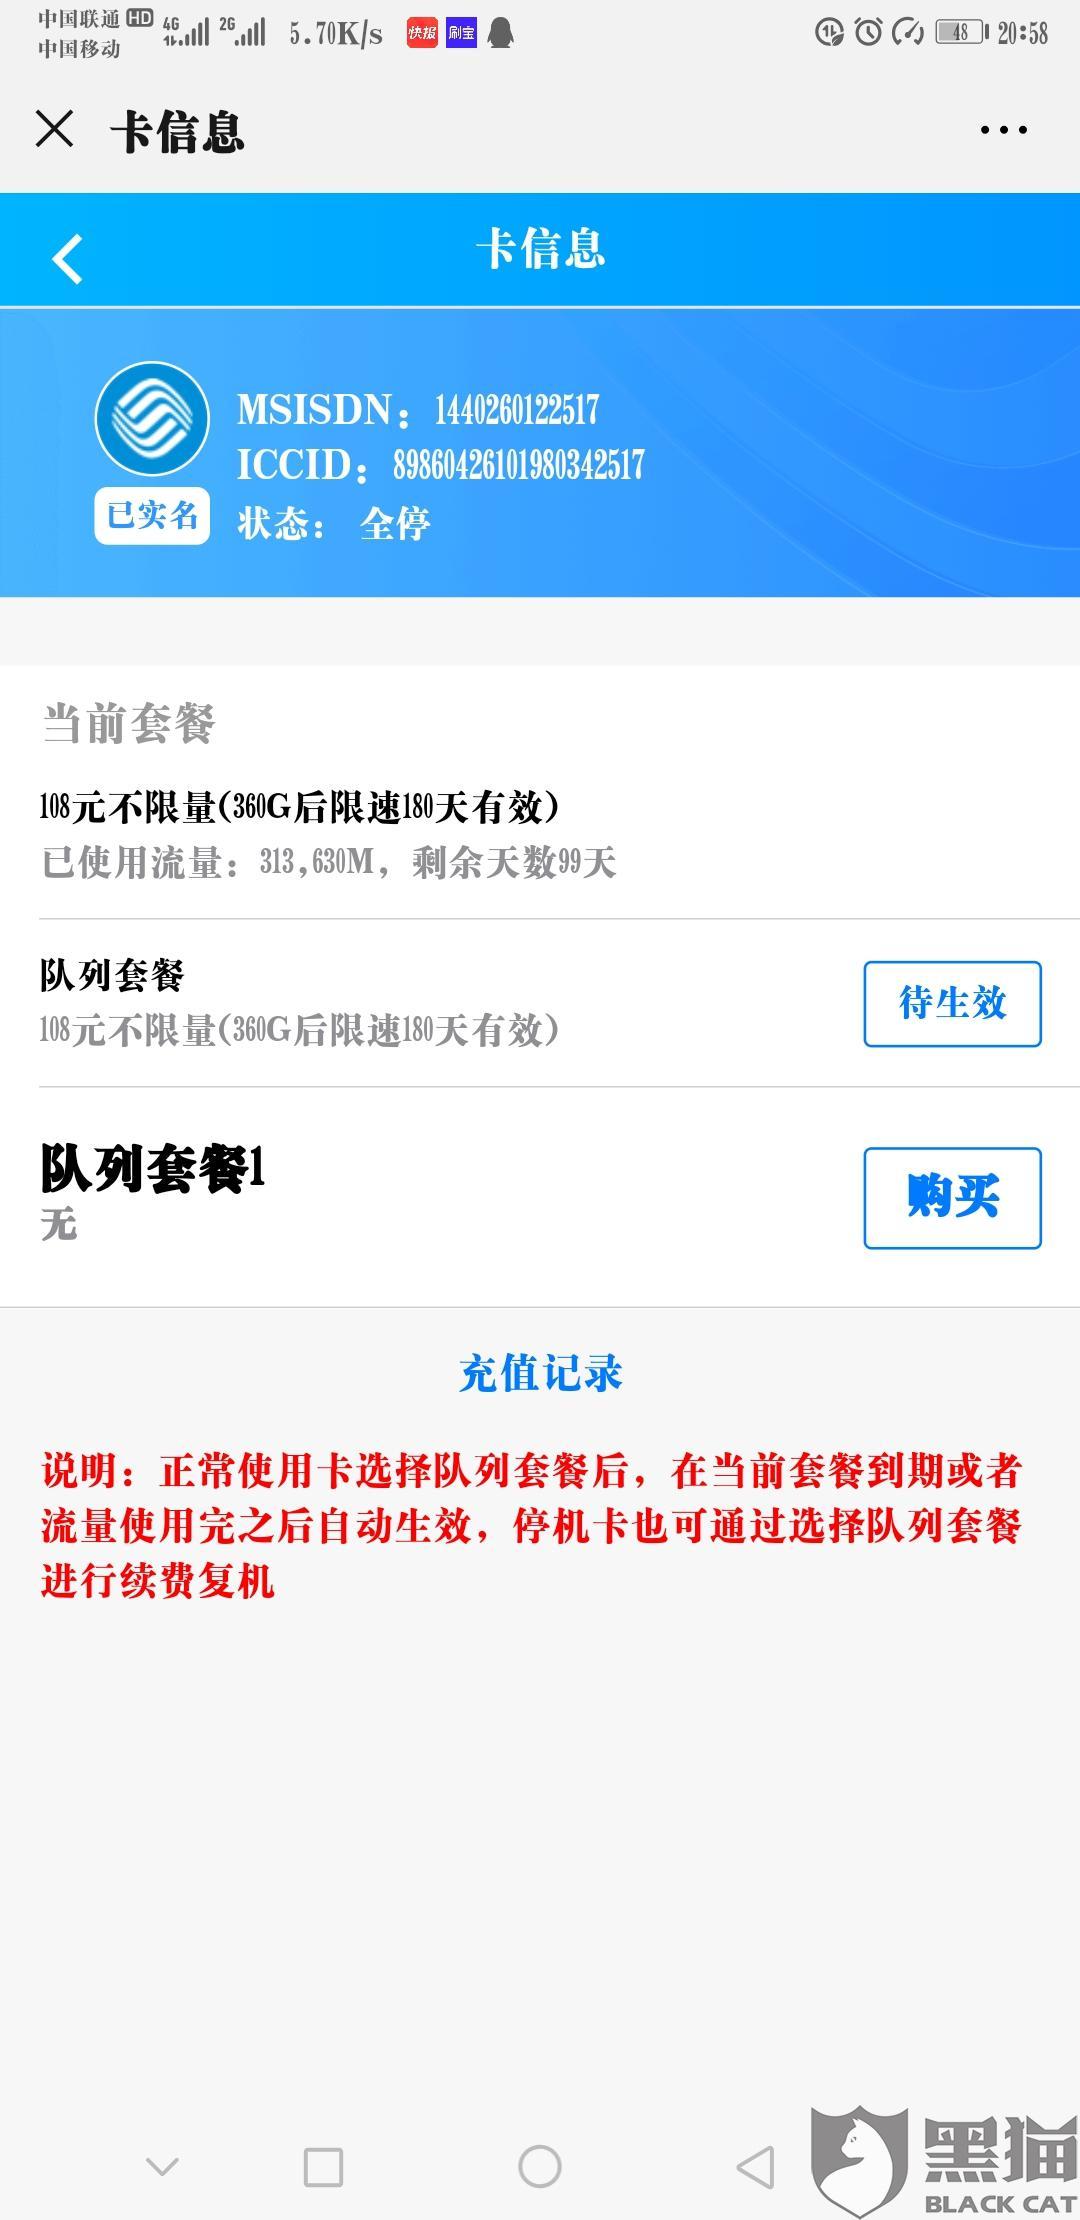 黑猫投诉:江西翕薇网络科技有限公司收钱不给服务,卖的是中国移动物联卡。